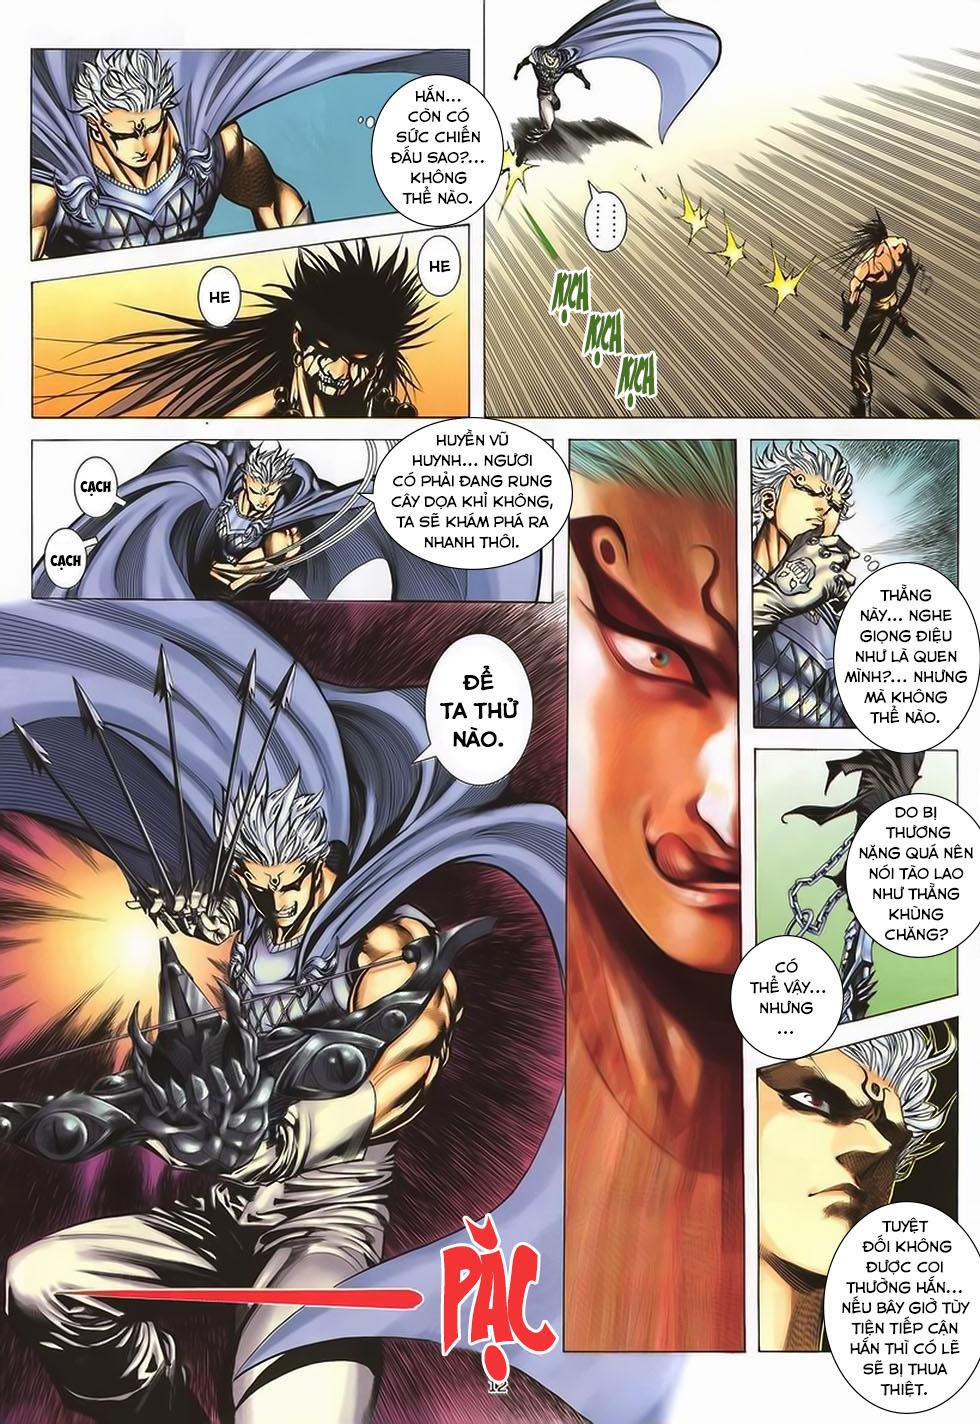 Chiến Thần Ký chap 40 - Trang 13